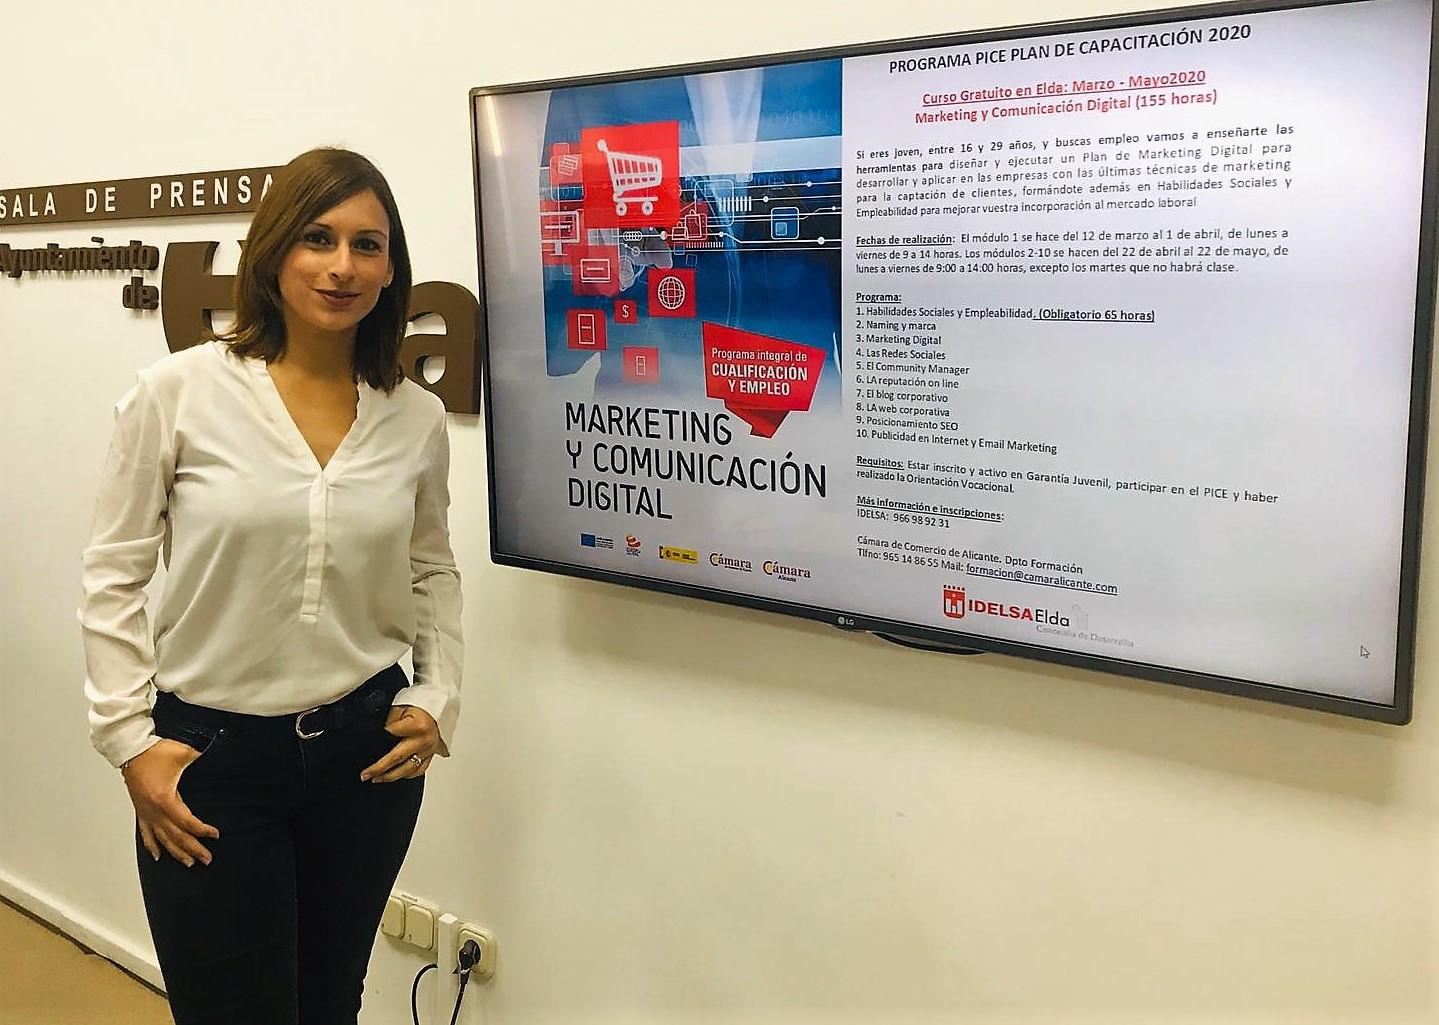 El Ayuntamiento de Elda presenta un curso de Marketing y Comunicación Digital para fomentar el empleo juvenil